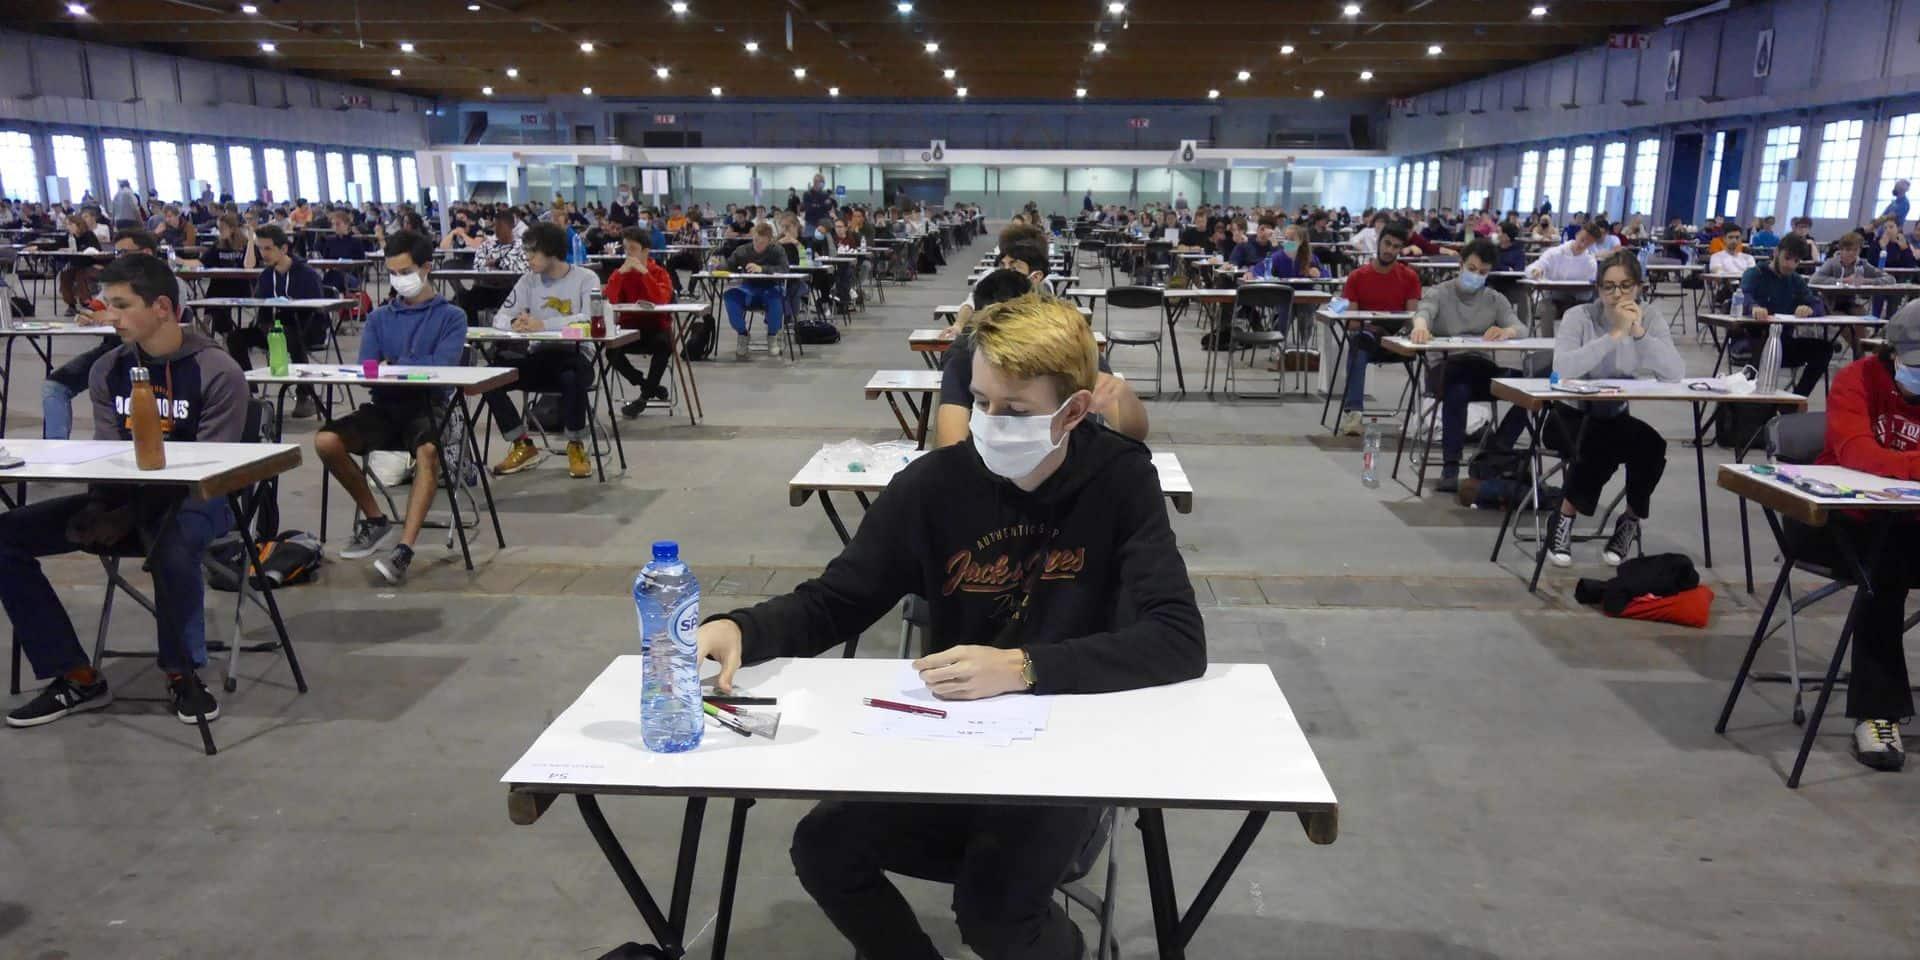 Plus de 3.000 candidats à la deuxième épreuve d'entrée en médecine et dentisterie